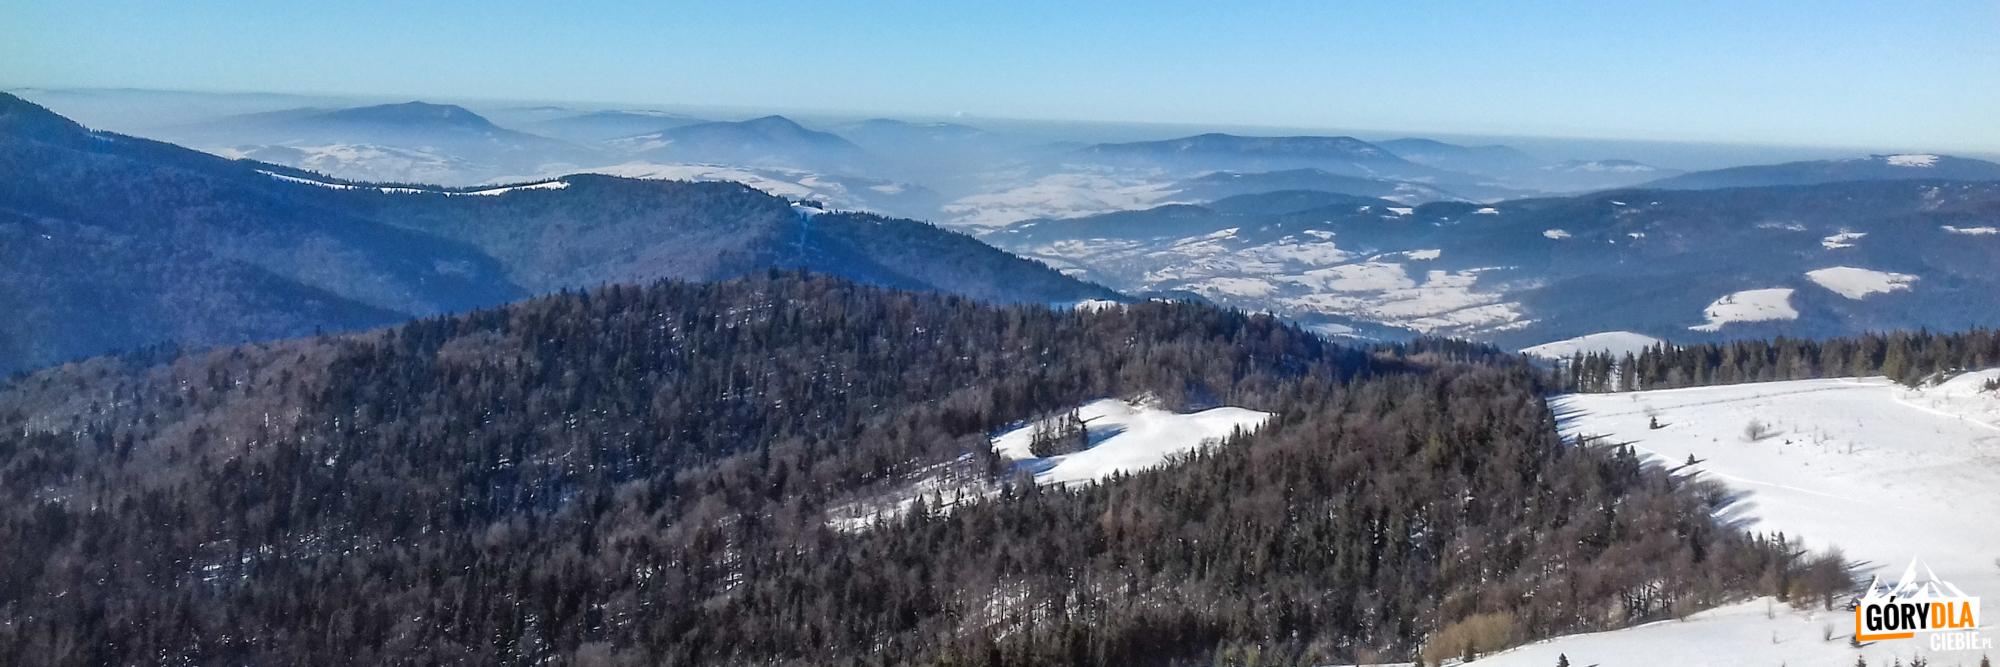 Panorama zwieży widokowej naszczycie Gorca (1228 m) - napółnocny zachód